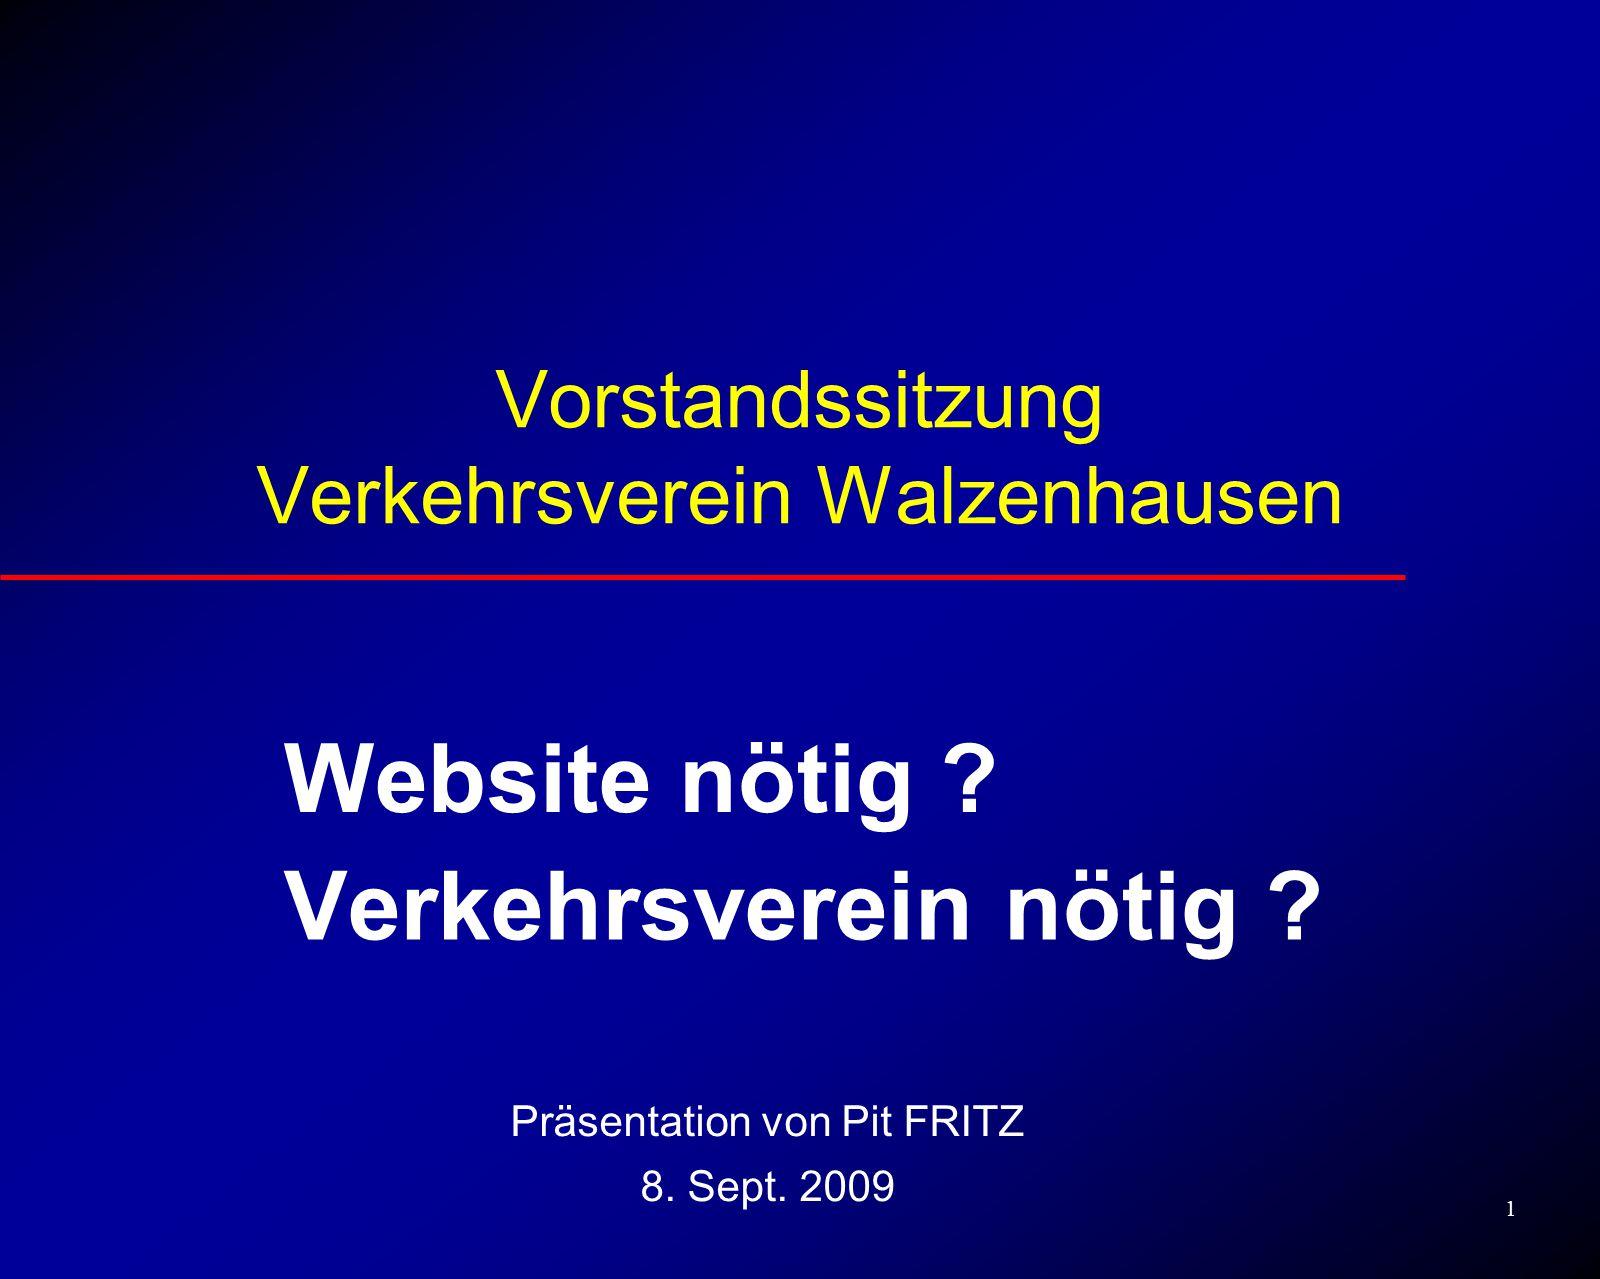 1 Vorstandssitzung Verkehrsverein Walzenhausen Website nötig ? Verkehrsverein nötig ? Präsentation von Pit FRITZ 8. Sept. 2009